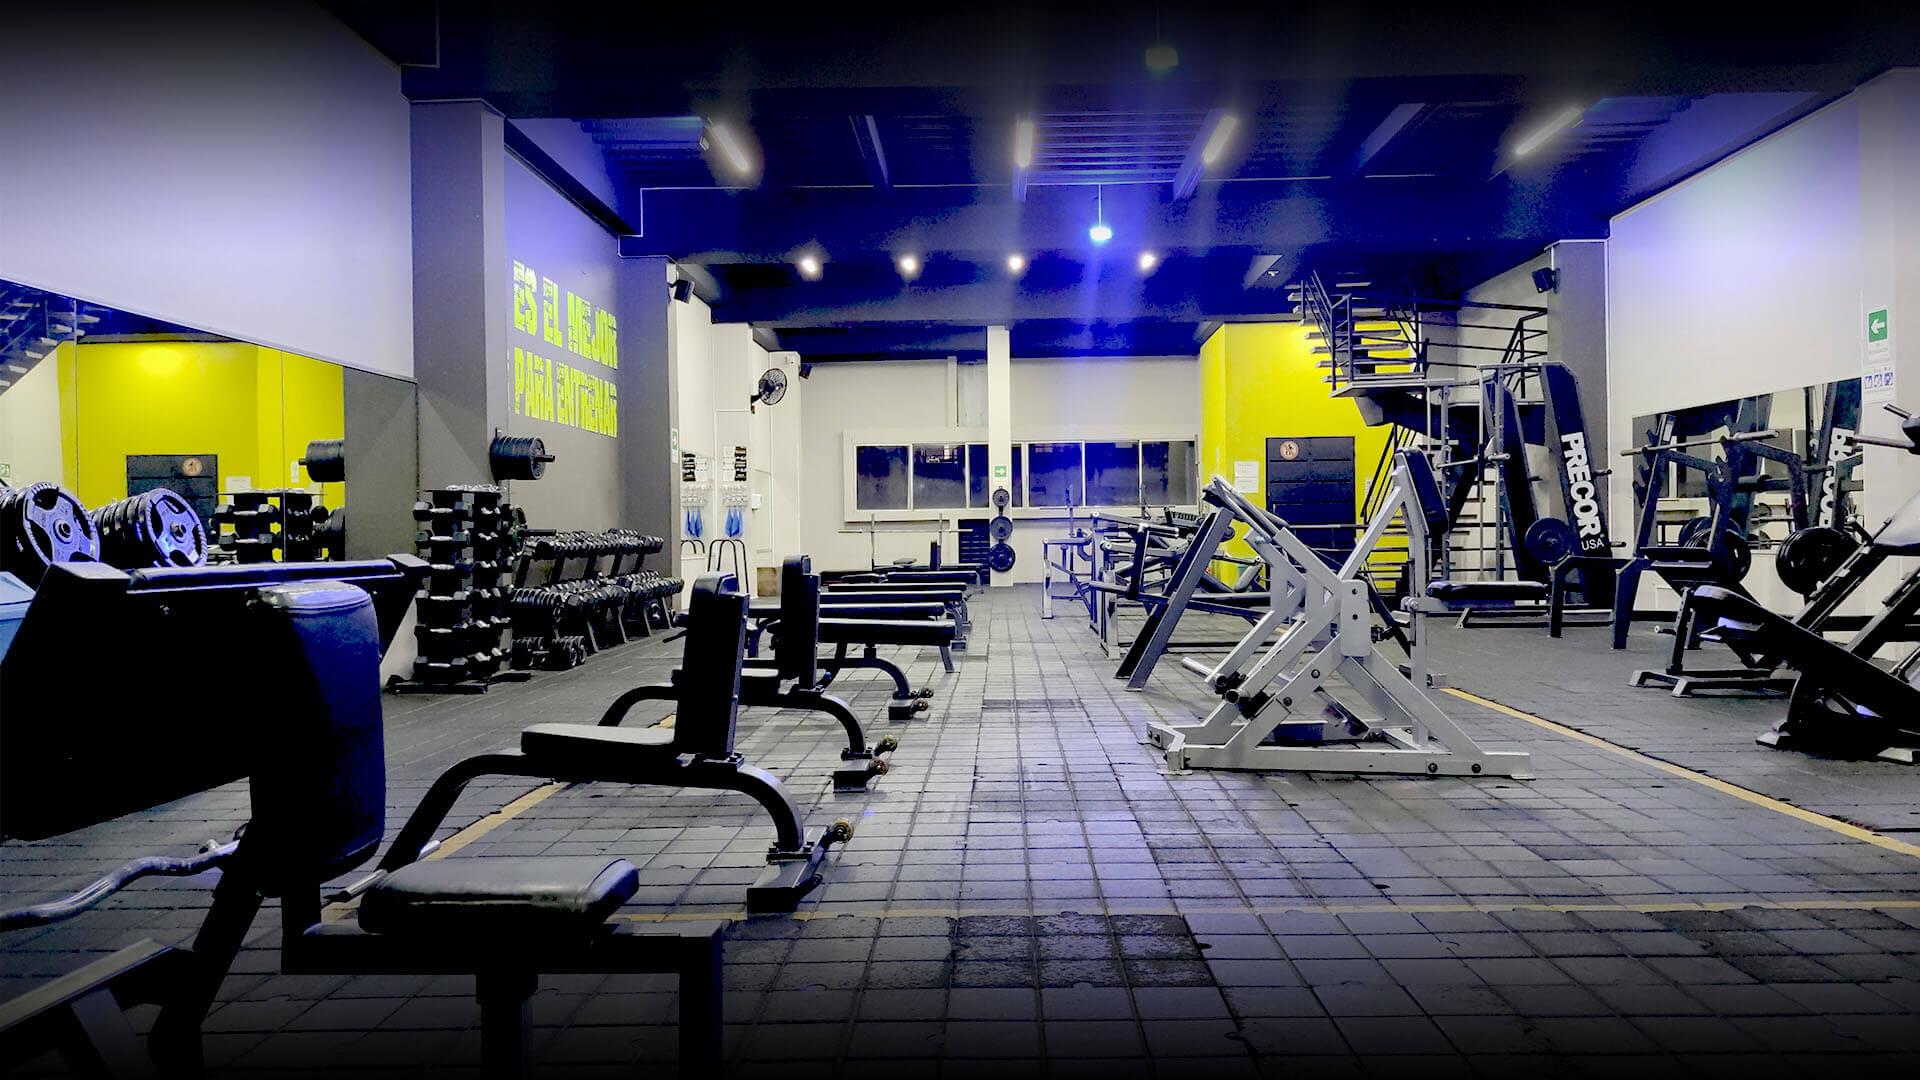 bulevar-sede-fitness-people-03